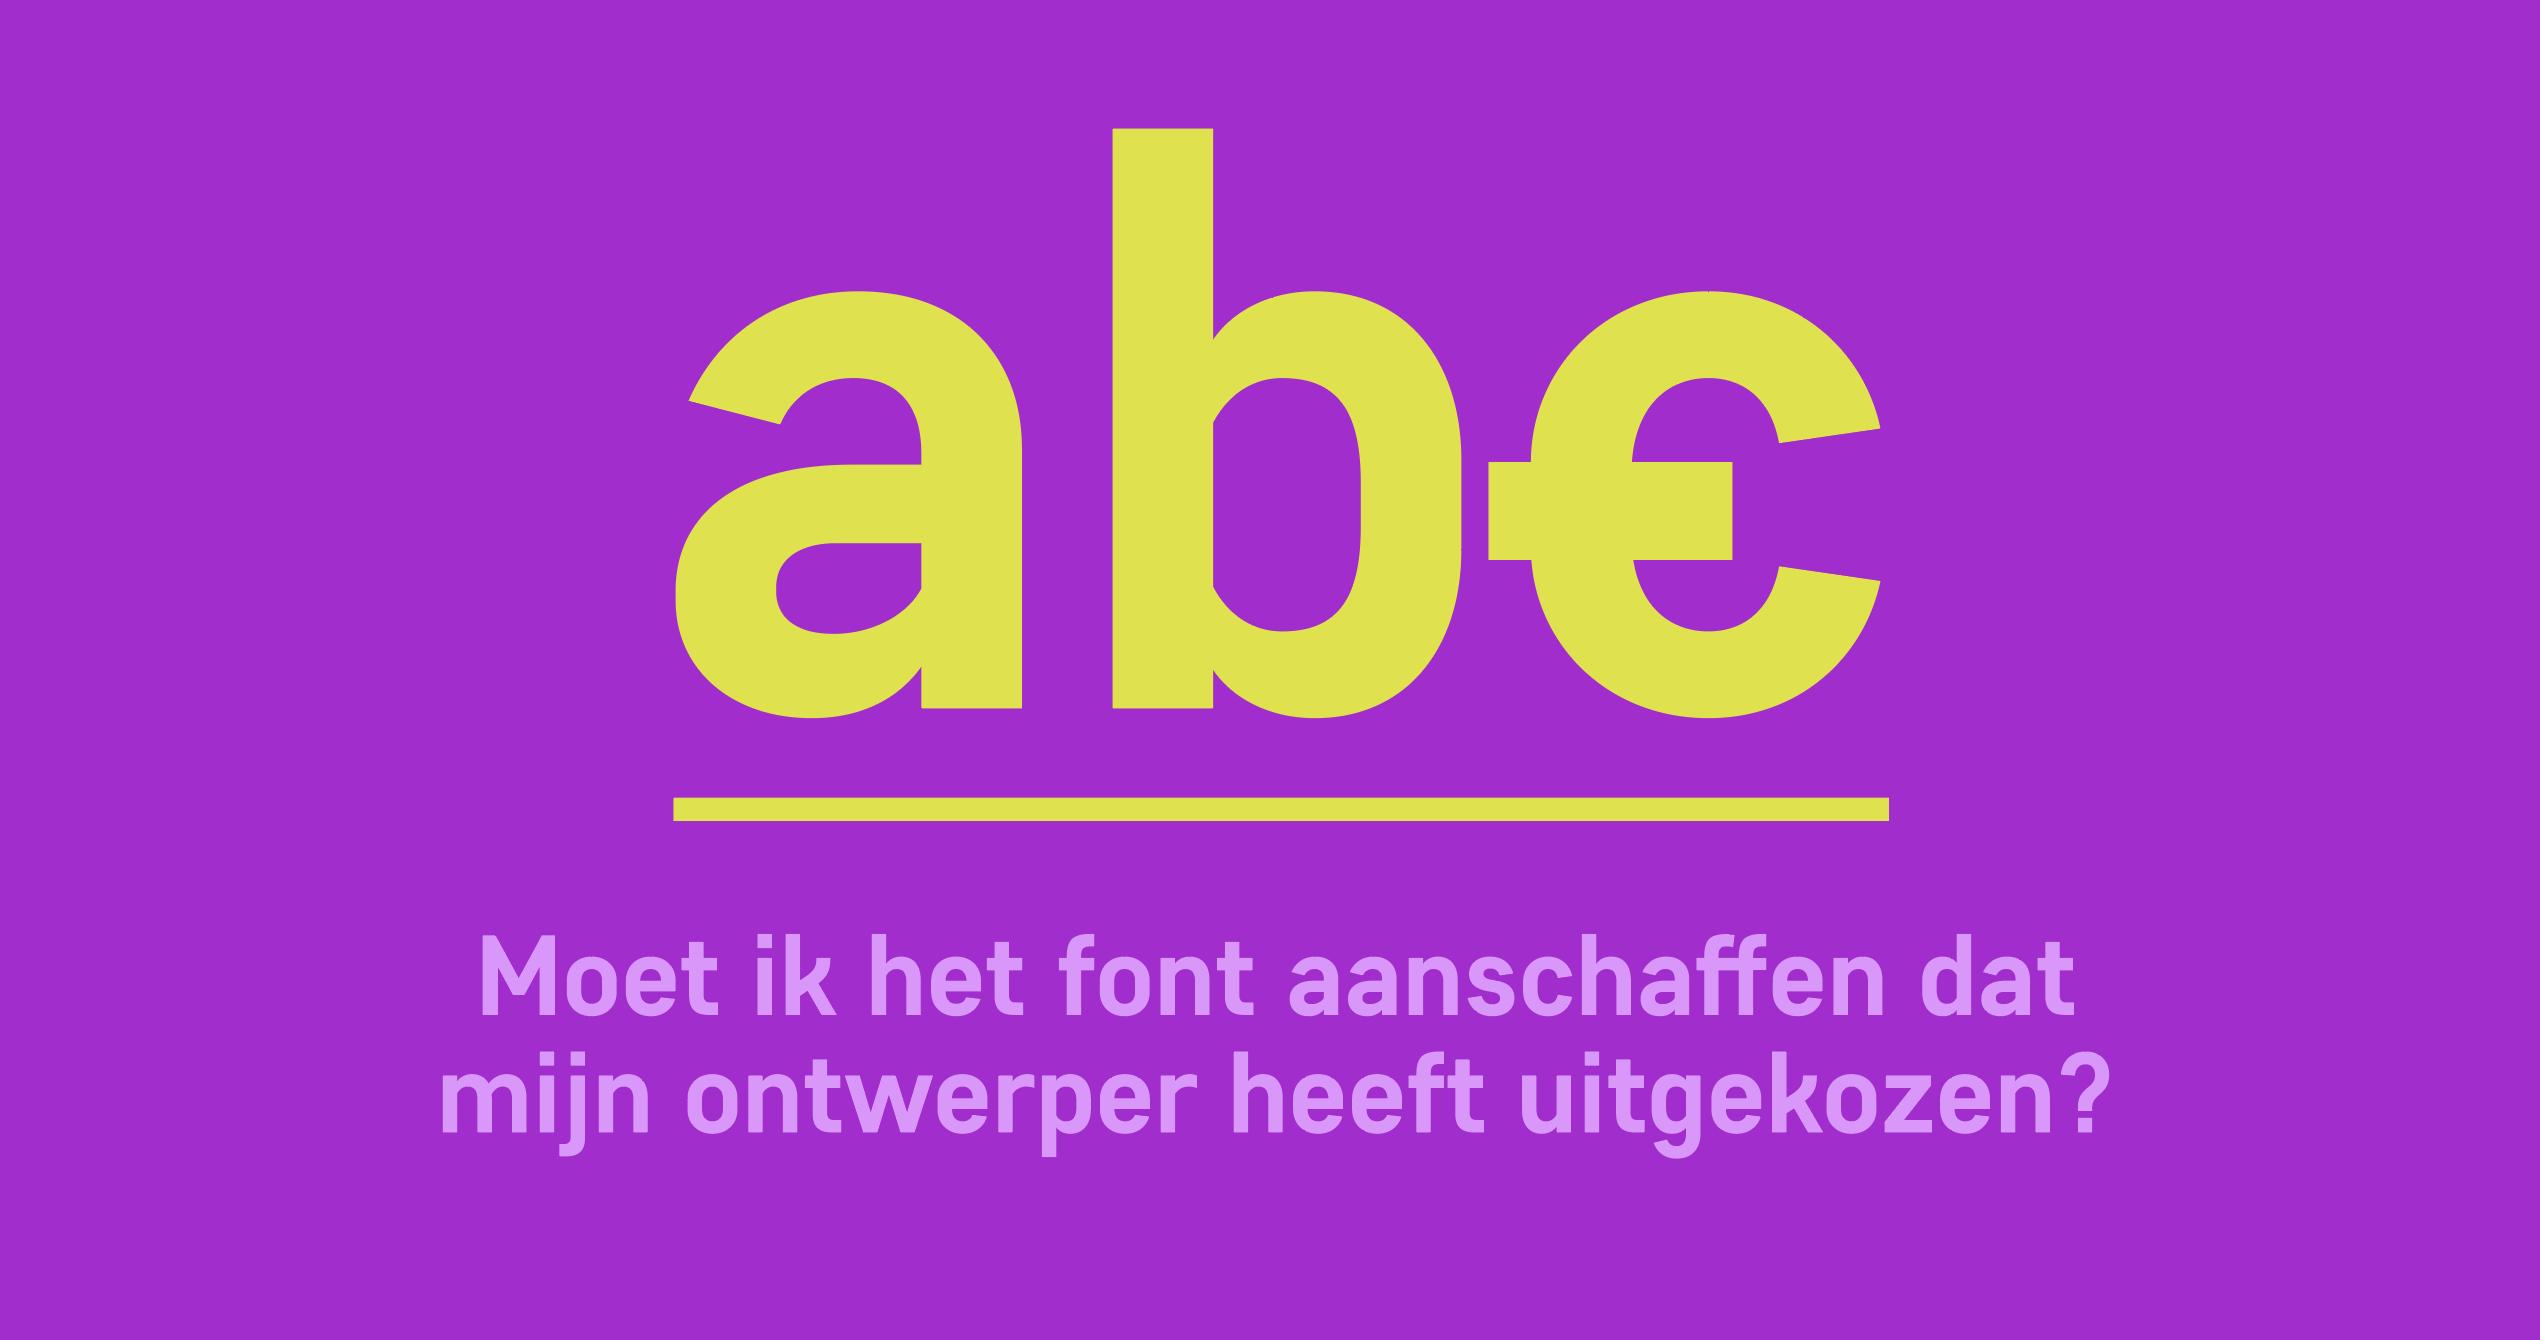 Moet ik het font aanschaffen dat mijn grafisch ontwerper heeft uitgekozen?